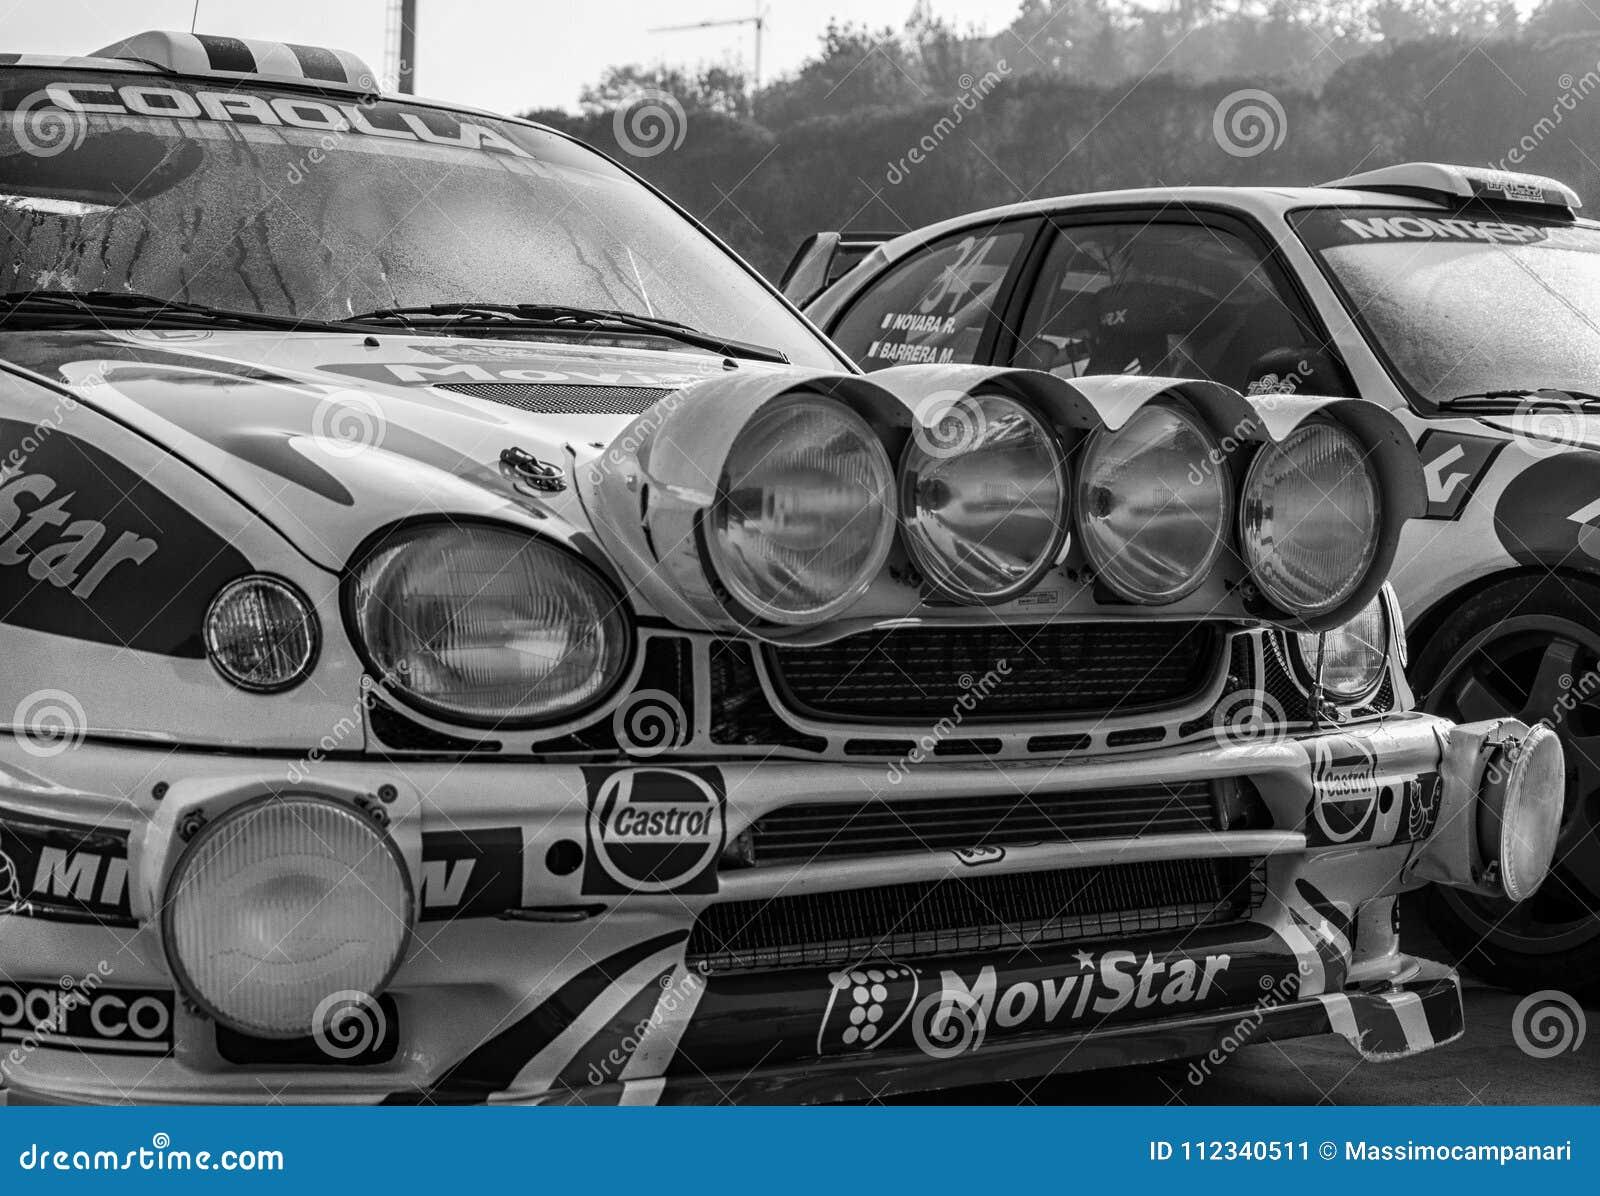 TOYOTA COROLLA WRC 1998 in oude raceauto verzamelt de LEGENDE 2017 het beroemde historische ras van San MARINO